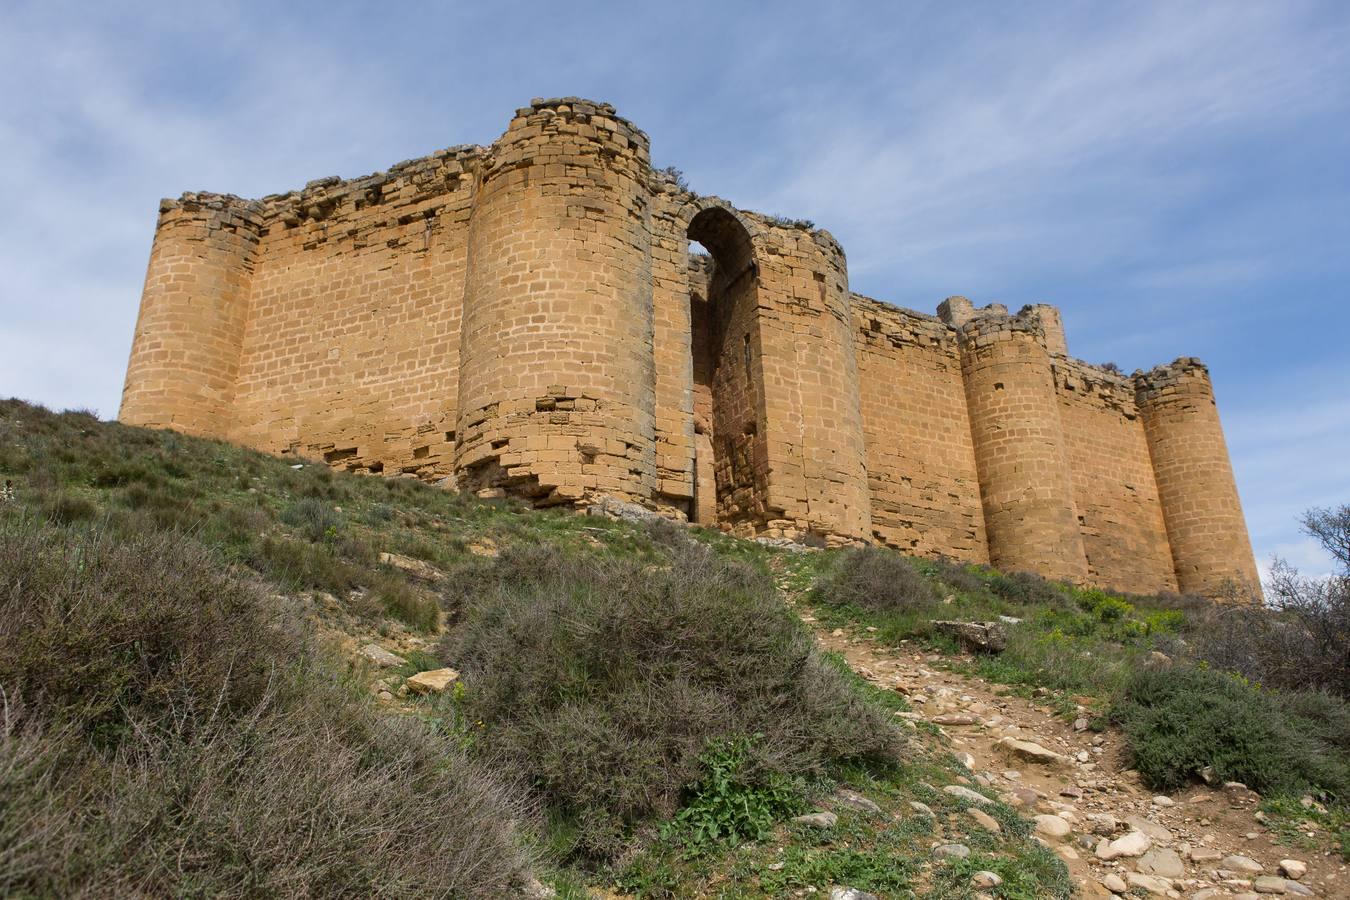 El Gobierno regional no ejercerá el derecho de retracto en la compra del castillo de Davalillo